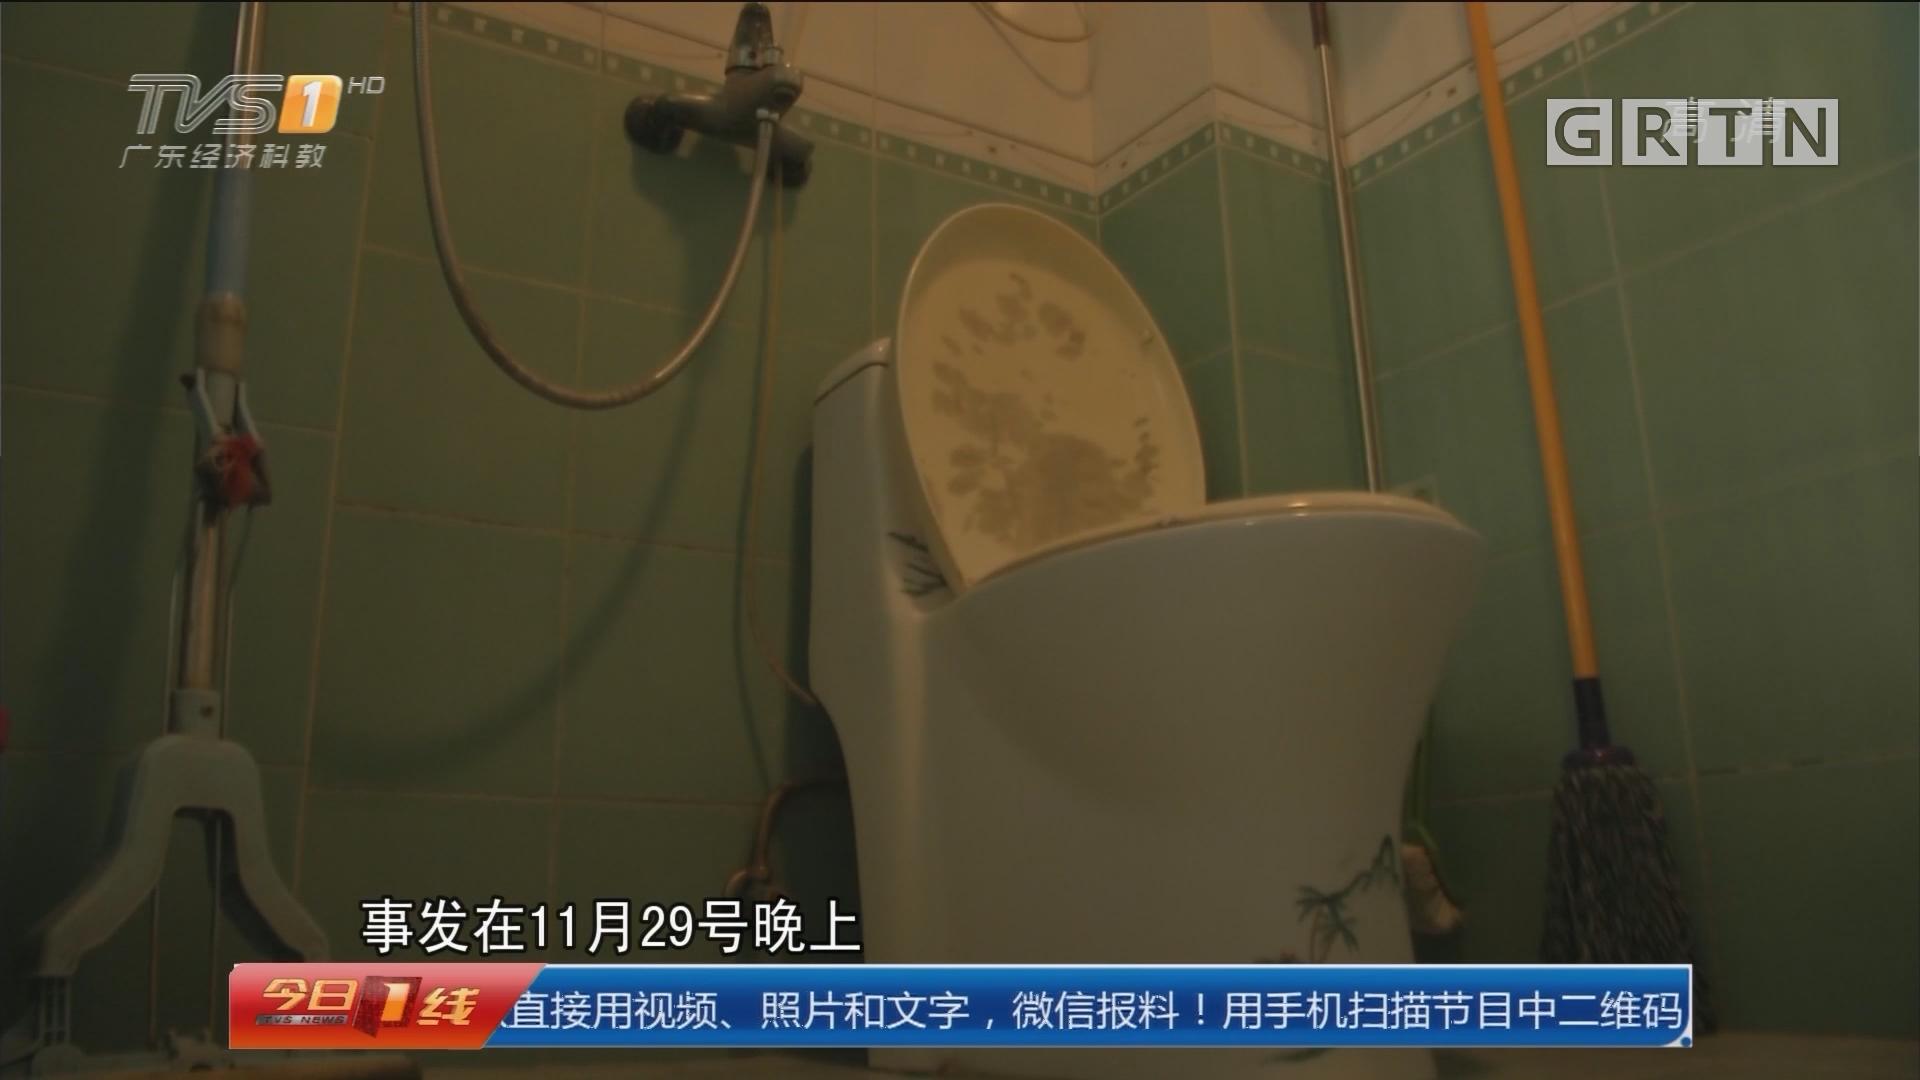 居家安全:马桶破碎割伤人 创口三十多公分